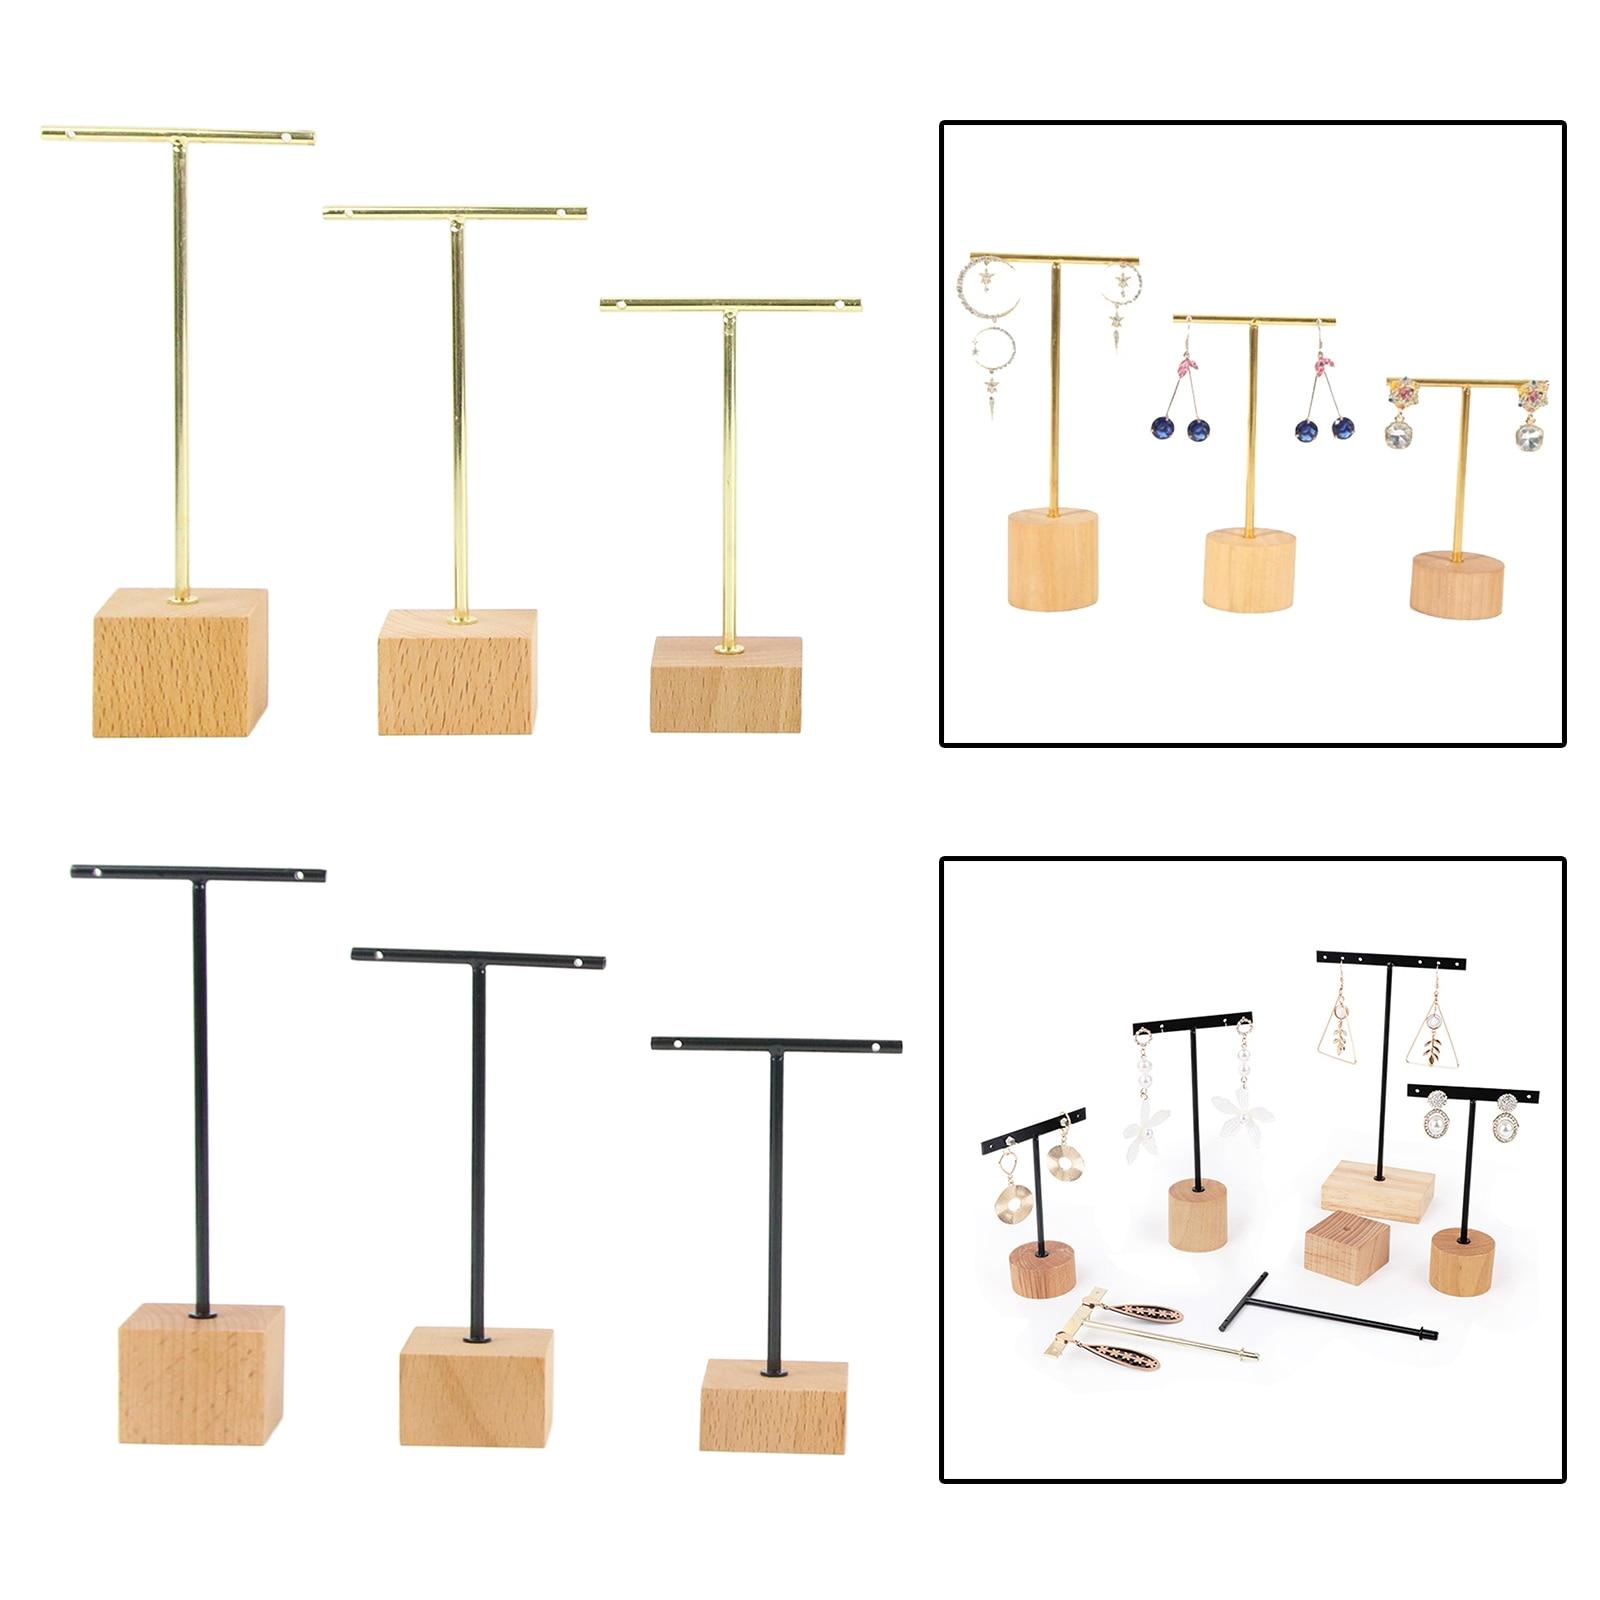 Модный-Т-образный-держатель-для-сережек-из-нержавеющей-стали-стойка-для-хранения-сережек-органайзер-для-ювелирных-изделий-демонстрацион